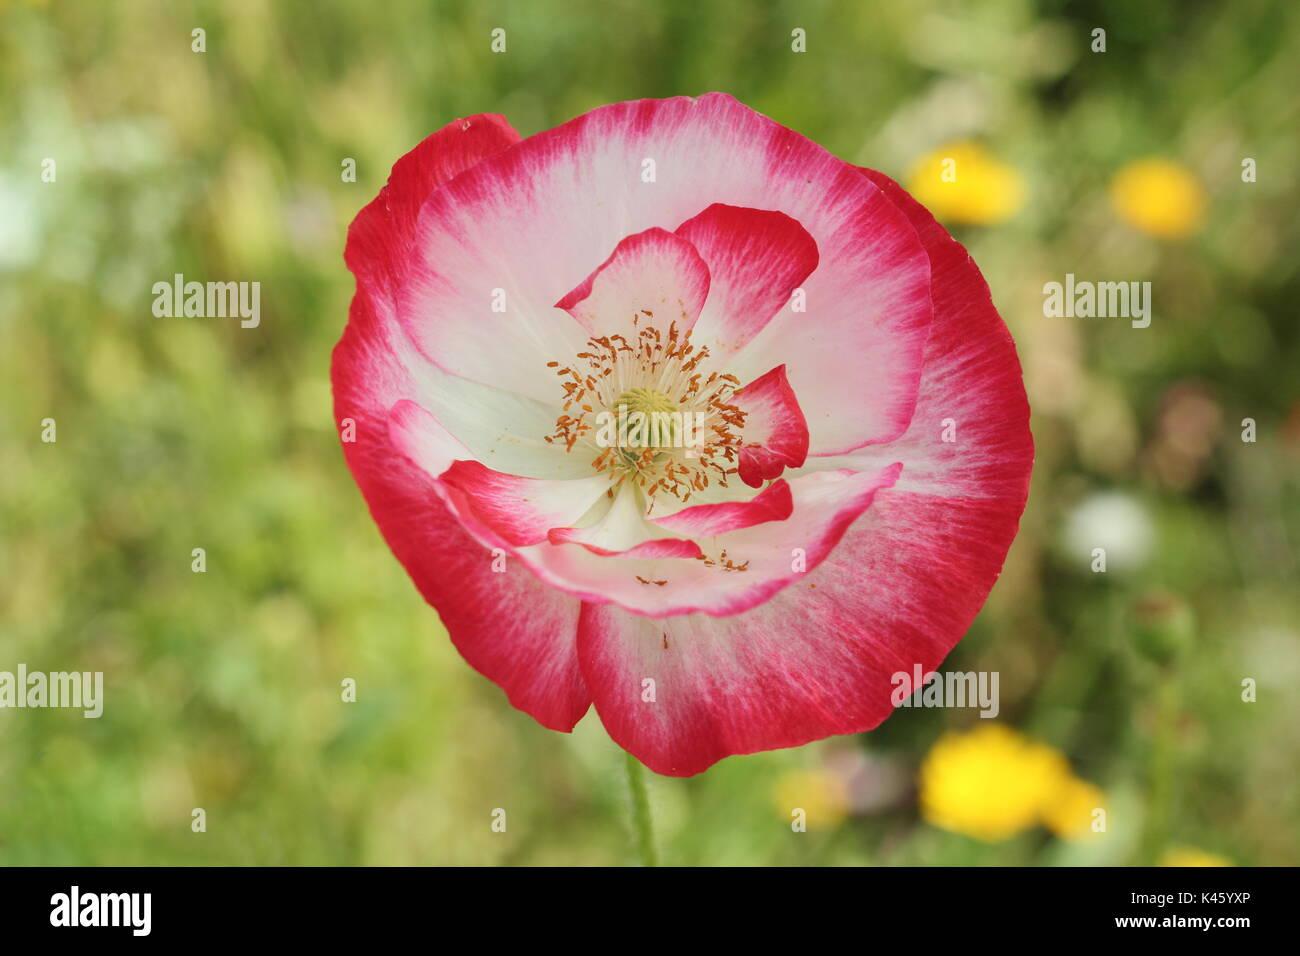 Vrai Shirley pavot (Papaver rhoeas) fleurissent dans une prairie à côté de l'évêque picturale (Ammi majus Fleurs en été (juillet), Royaume-Uni Banque D'Images